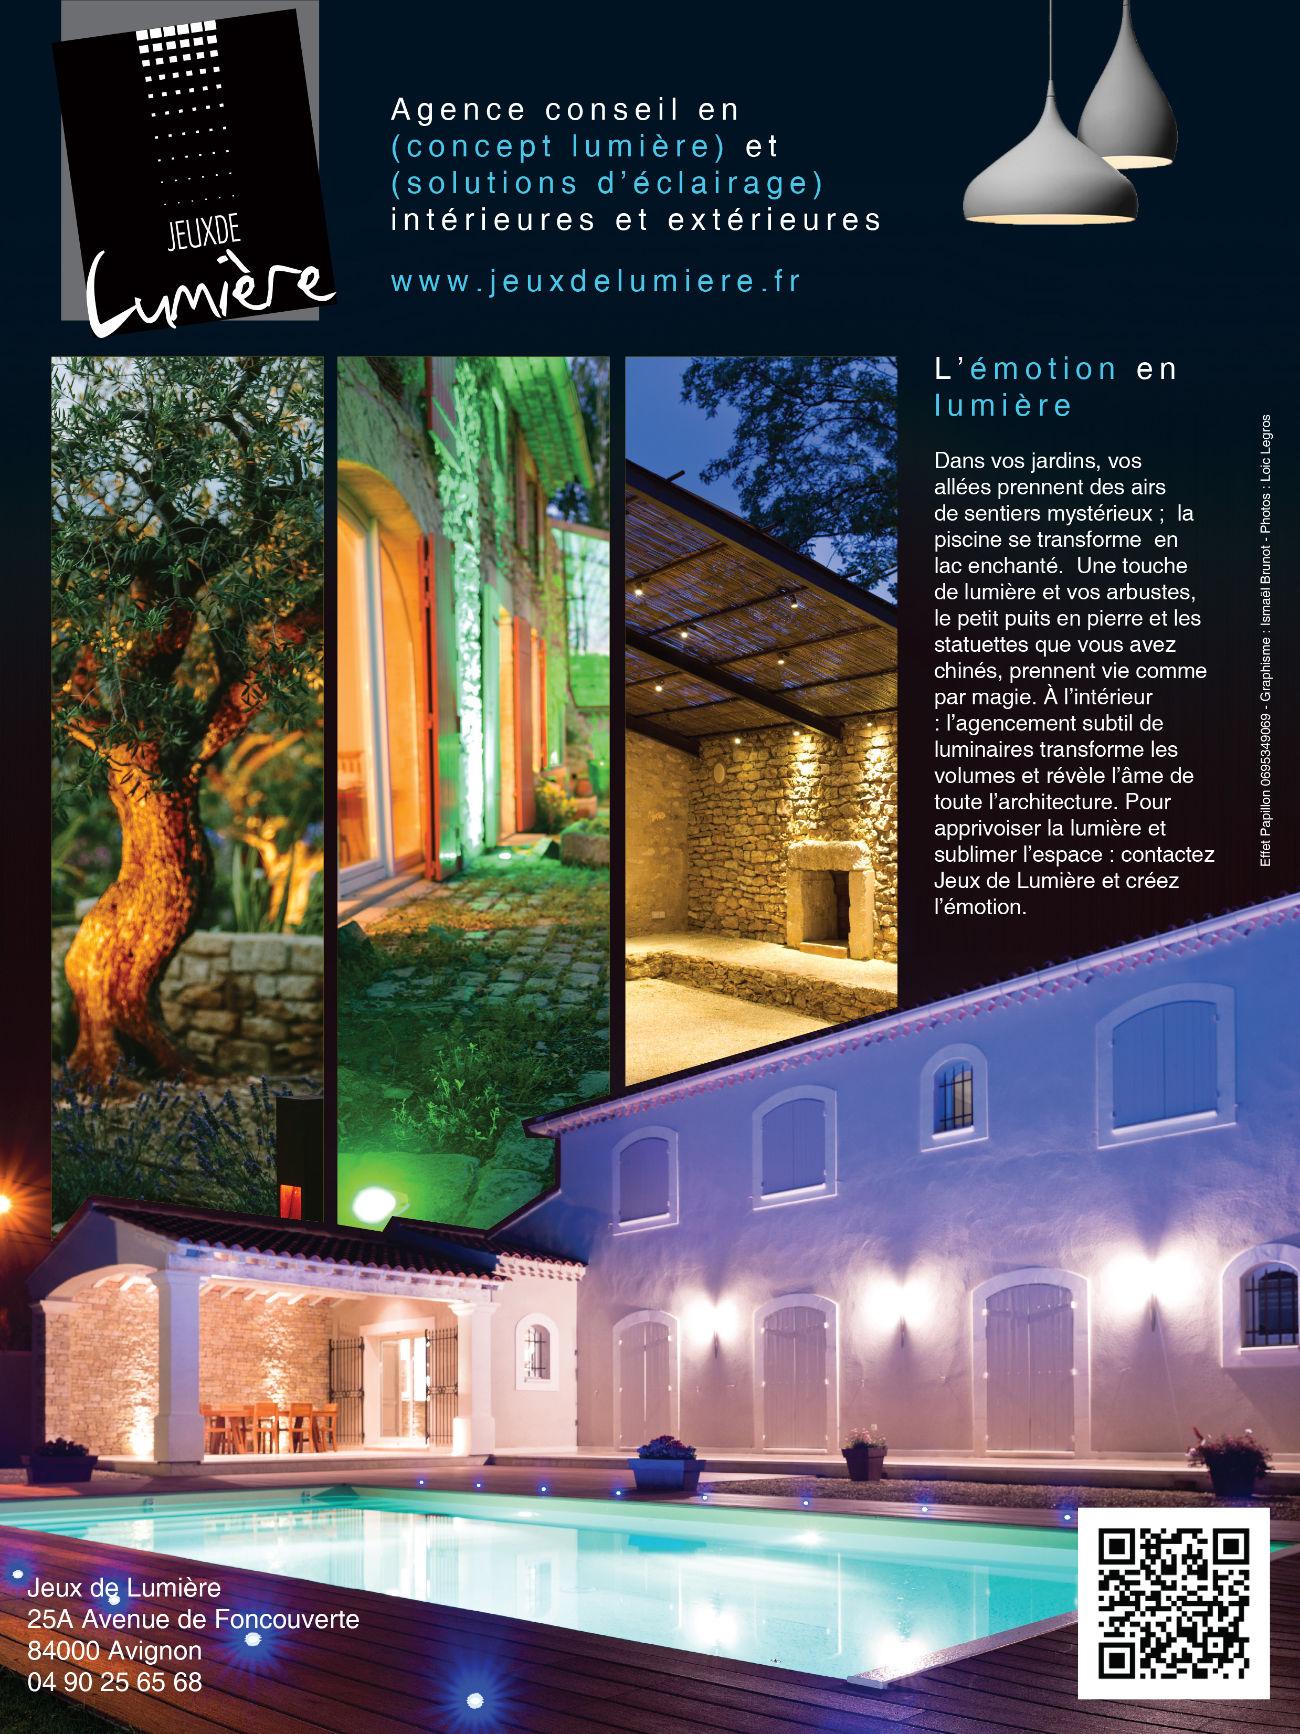 Publicités rédactionnelles pour Jeux de Lumière.Villa avec piscine et jolies lumieres